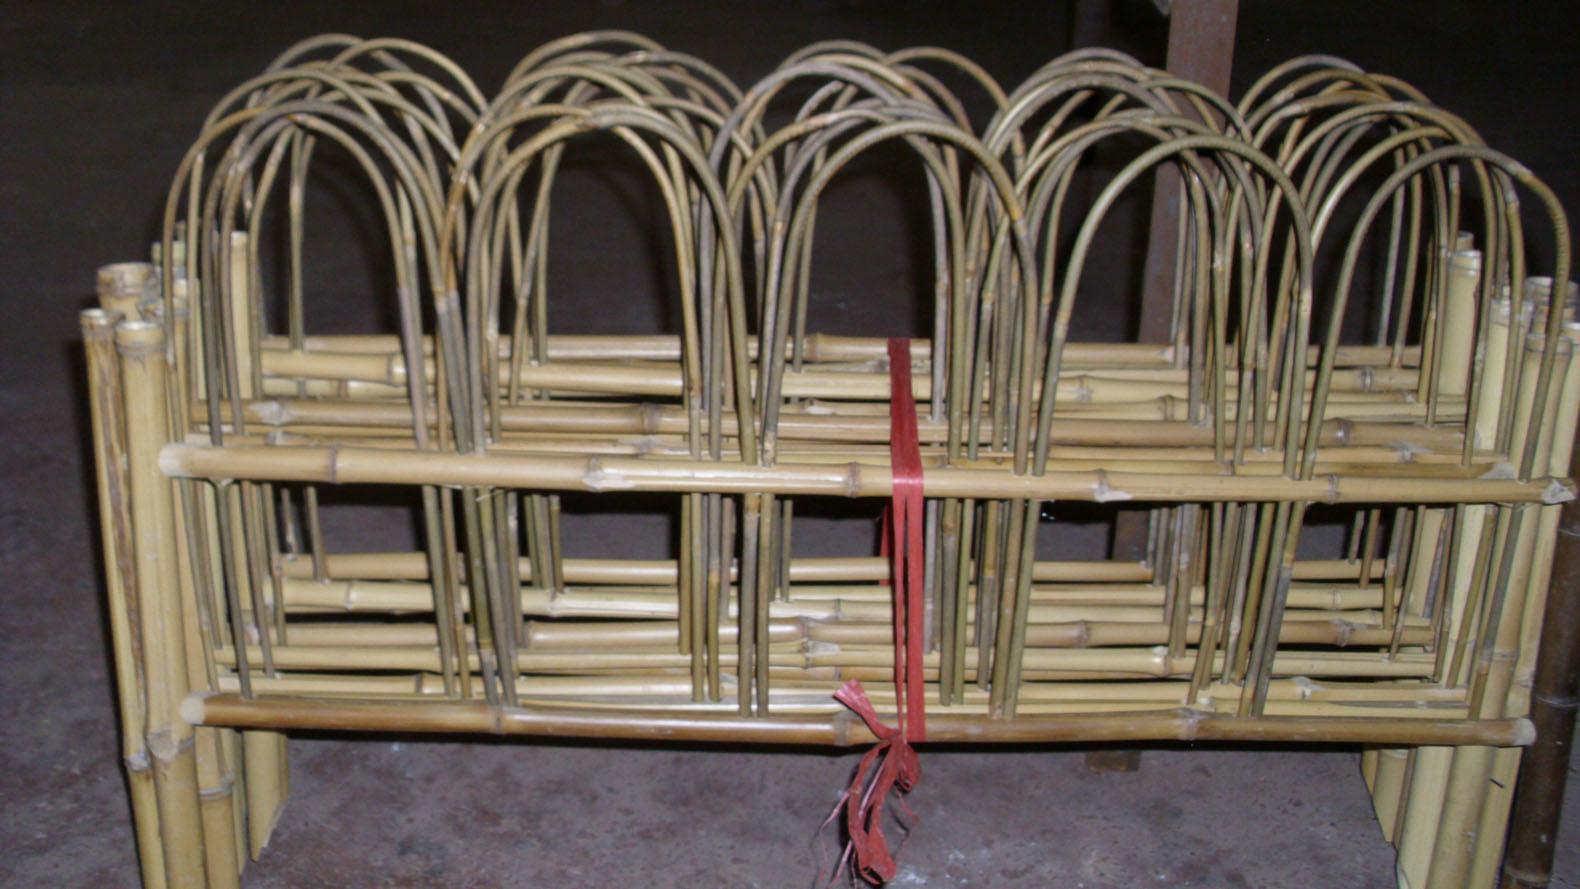 :Para Cerca Cerca De Bambu Cerca Decorativa De Bambu Cerca De Jardim #8E3D3E 1580 889